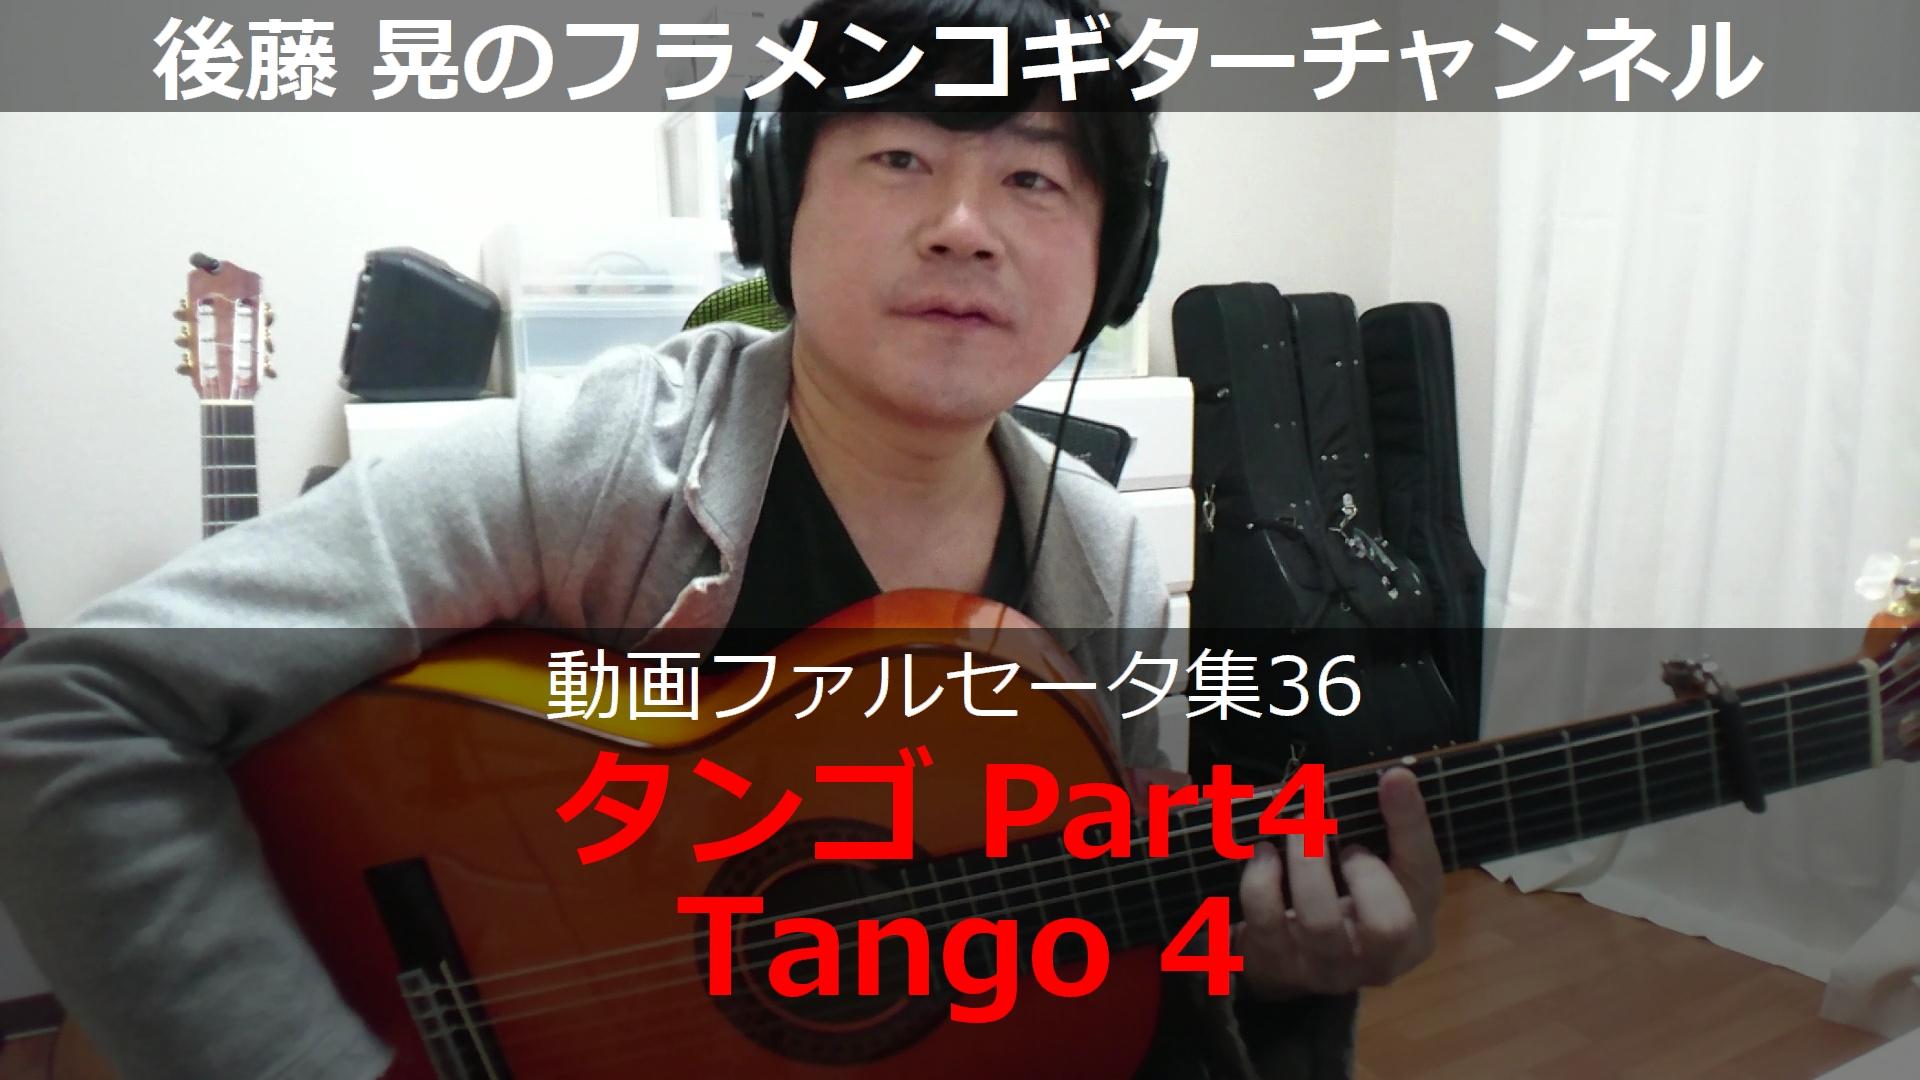 タンゴPart4